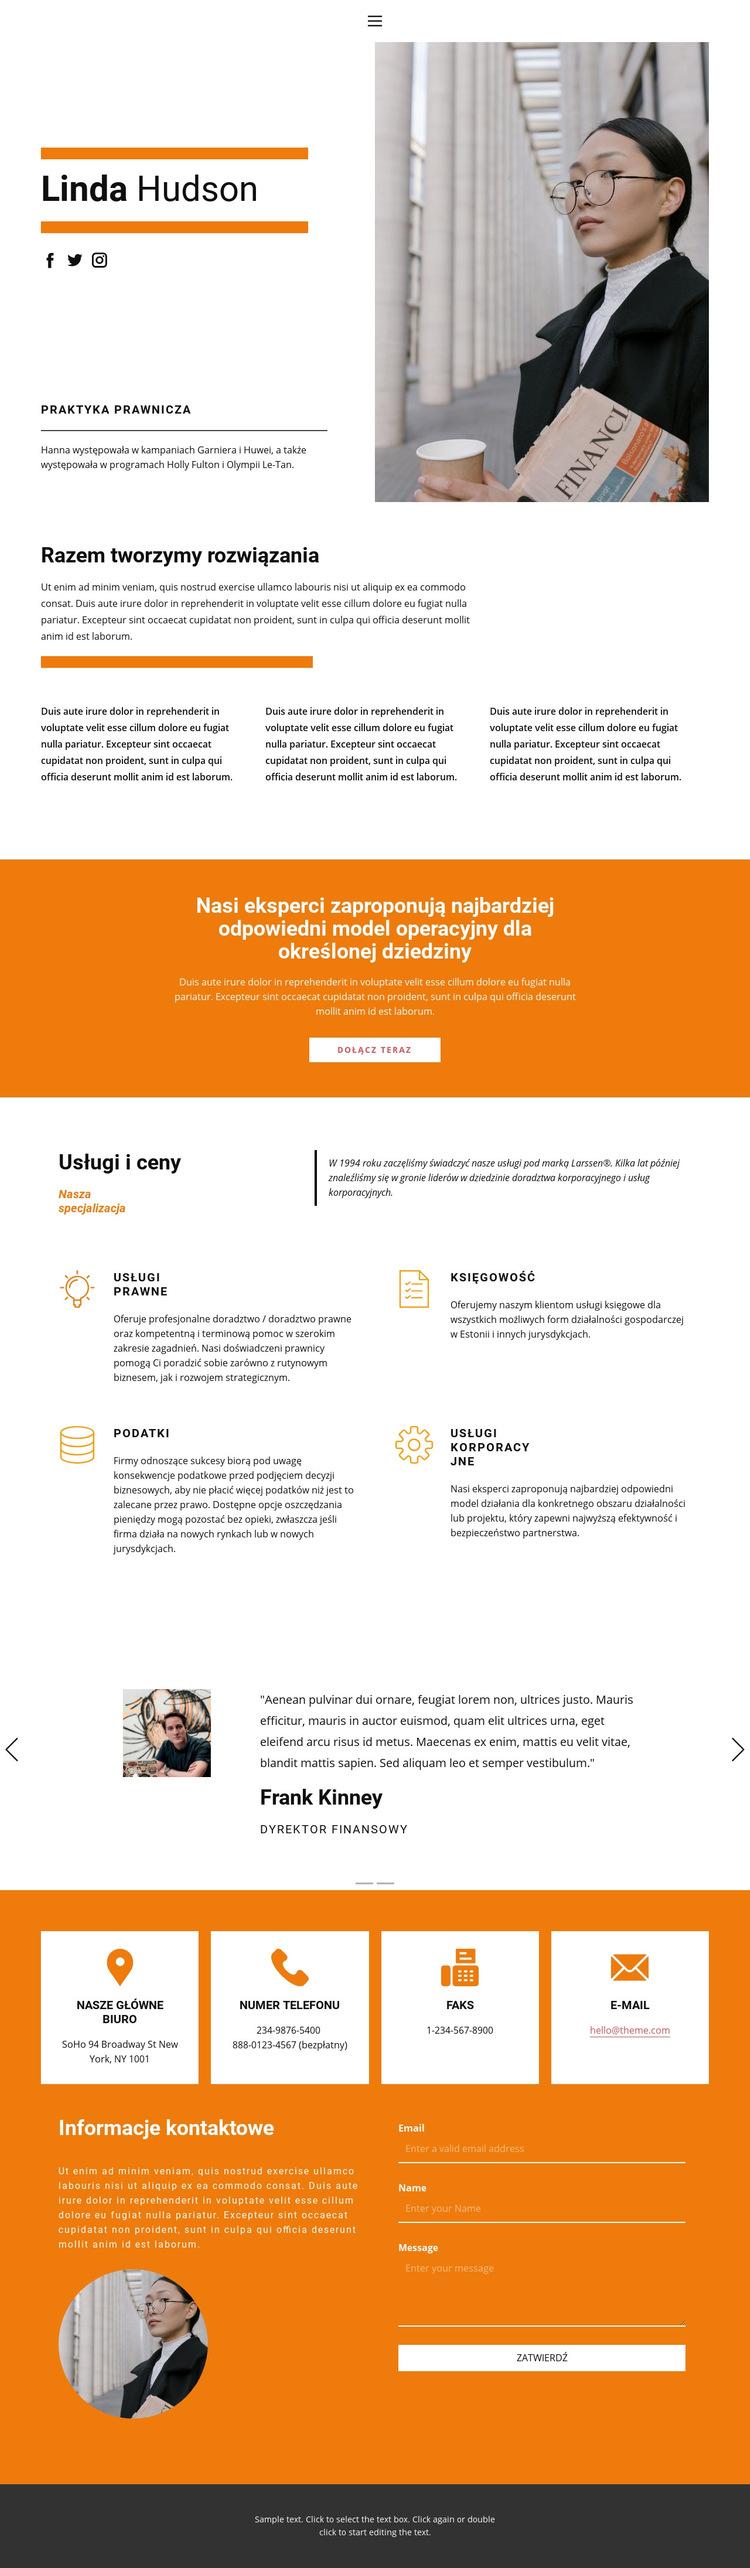 Portfolio prawnika Szablon witryny sieci Web